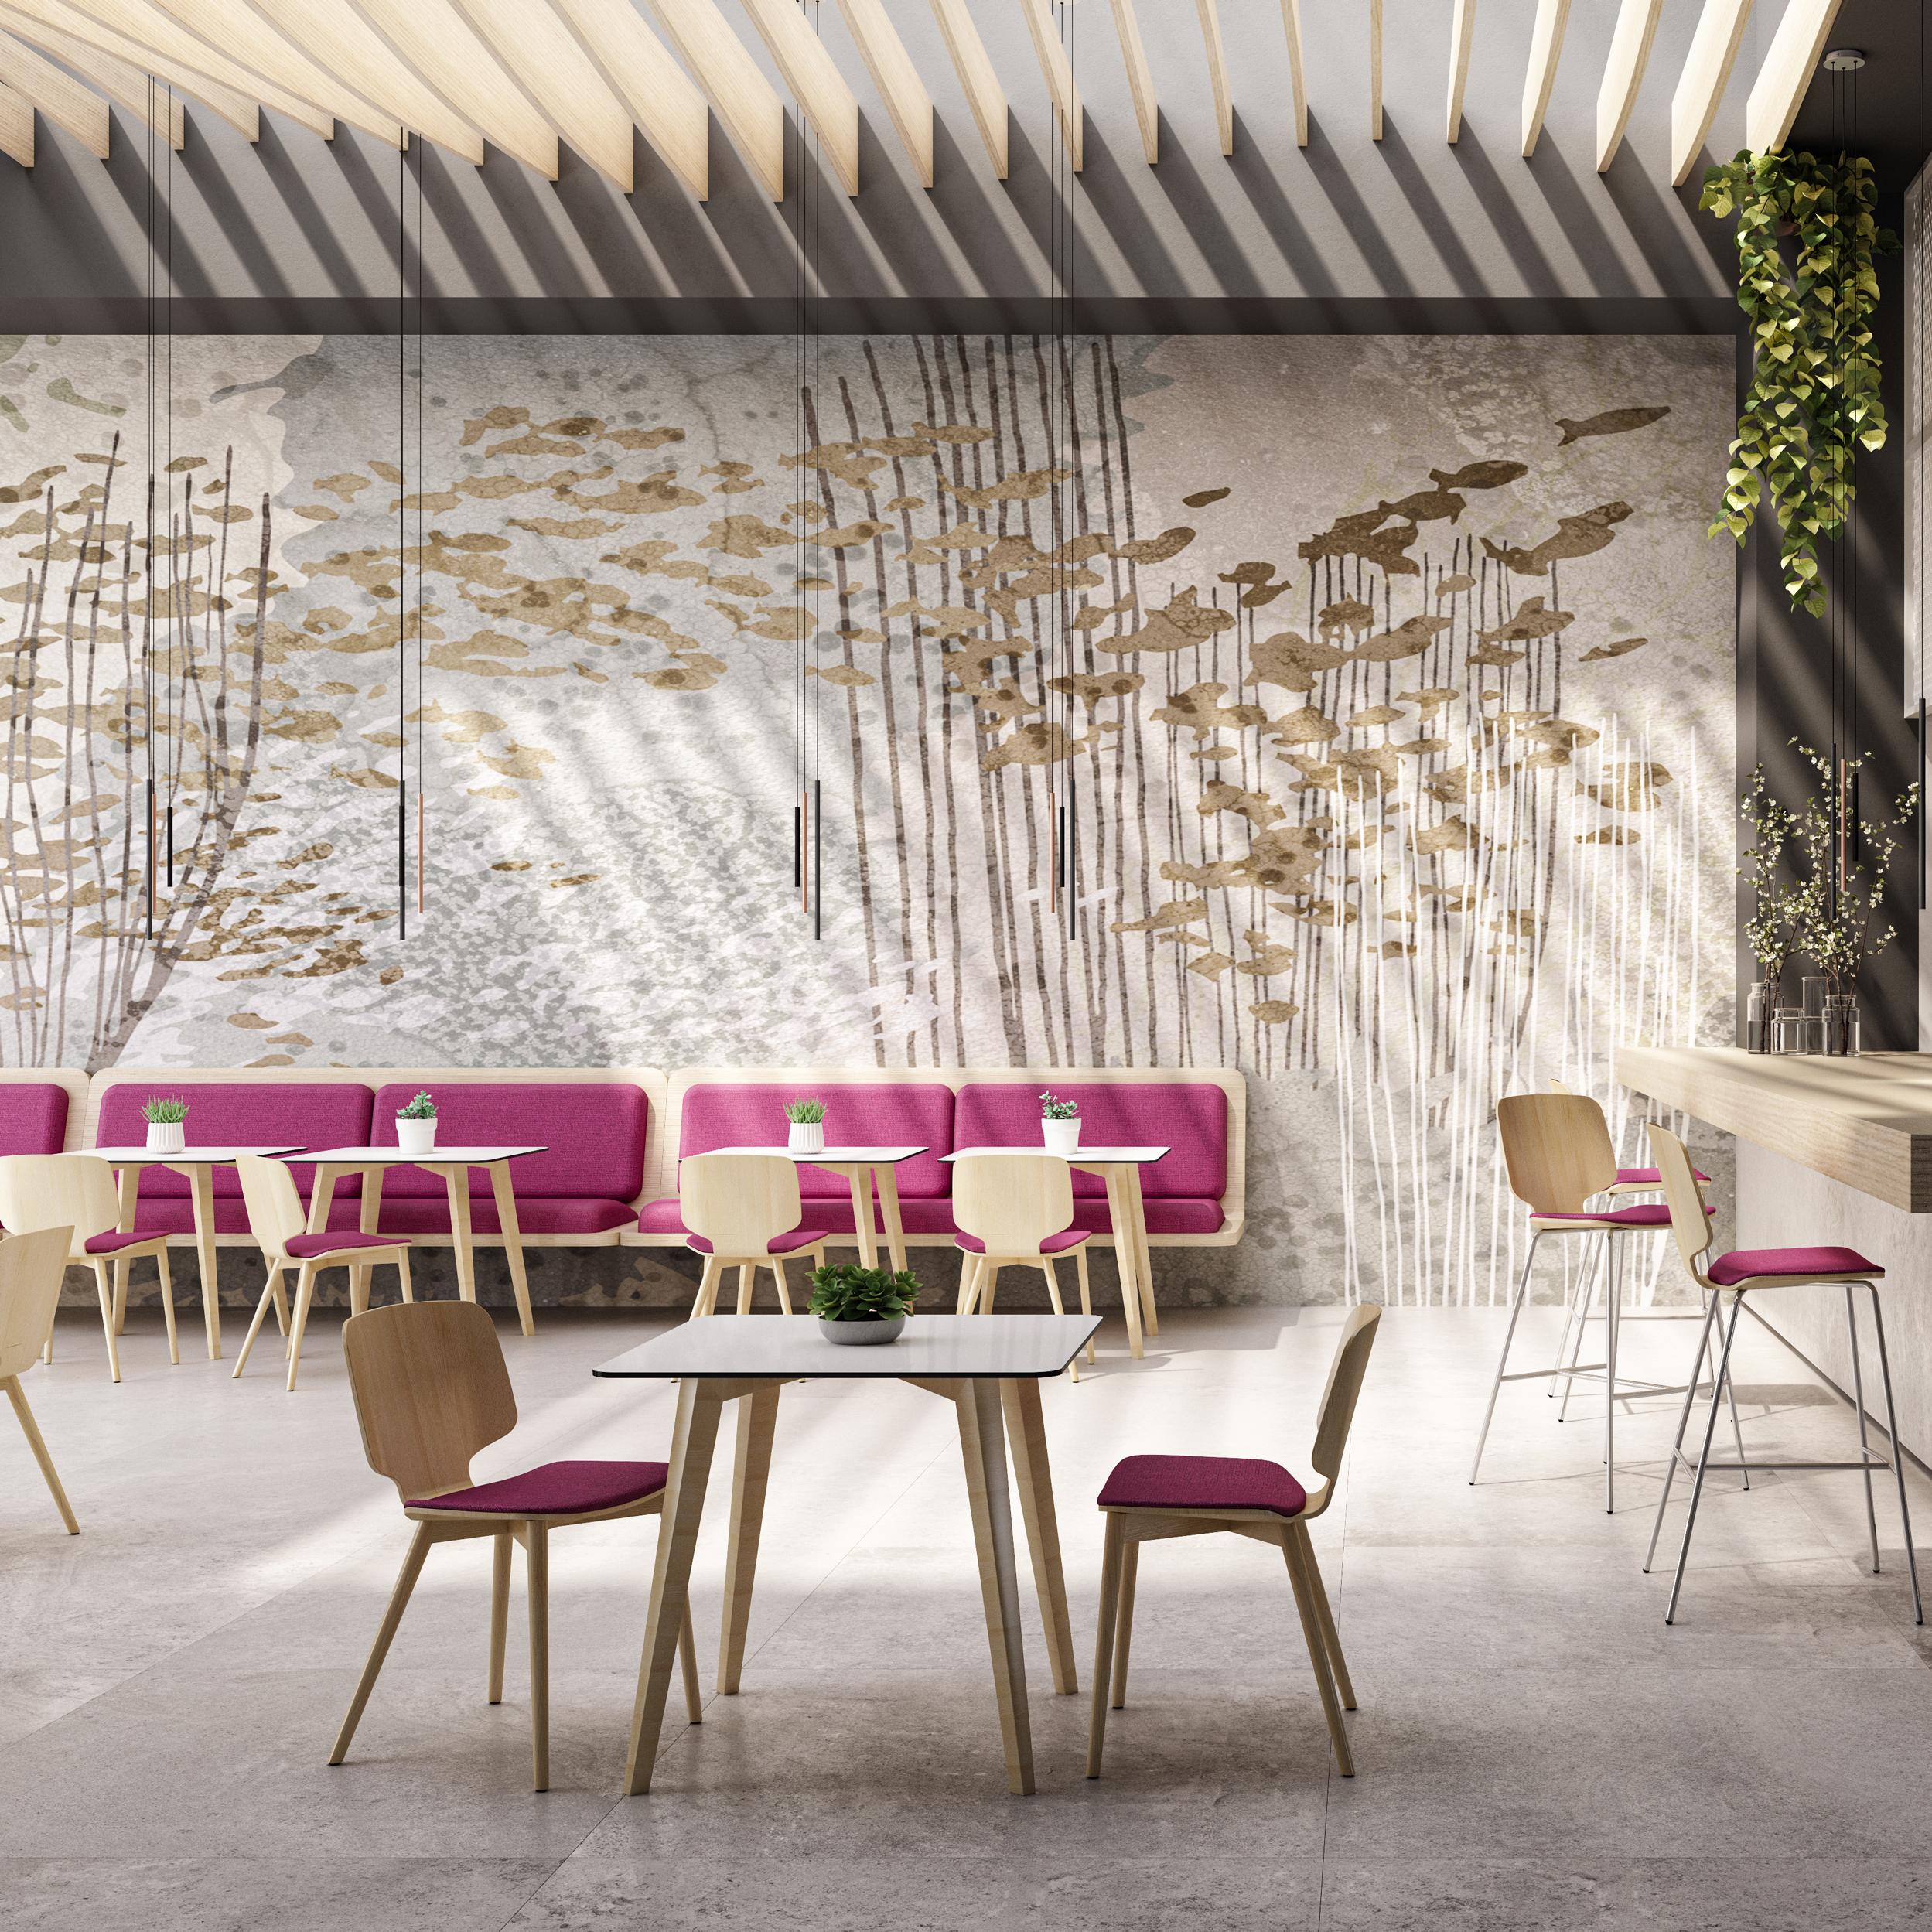 Chaise-en-bois-cafétéria-design-scandinave